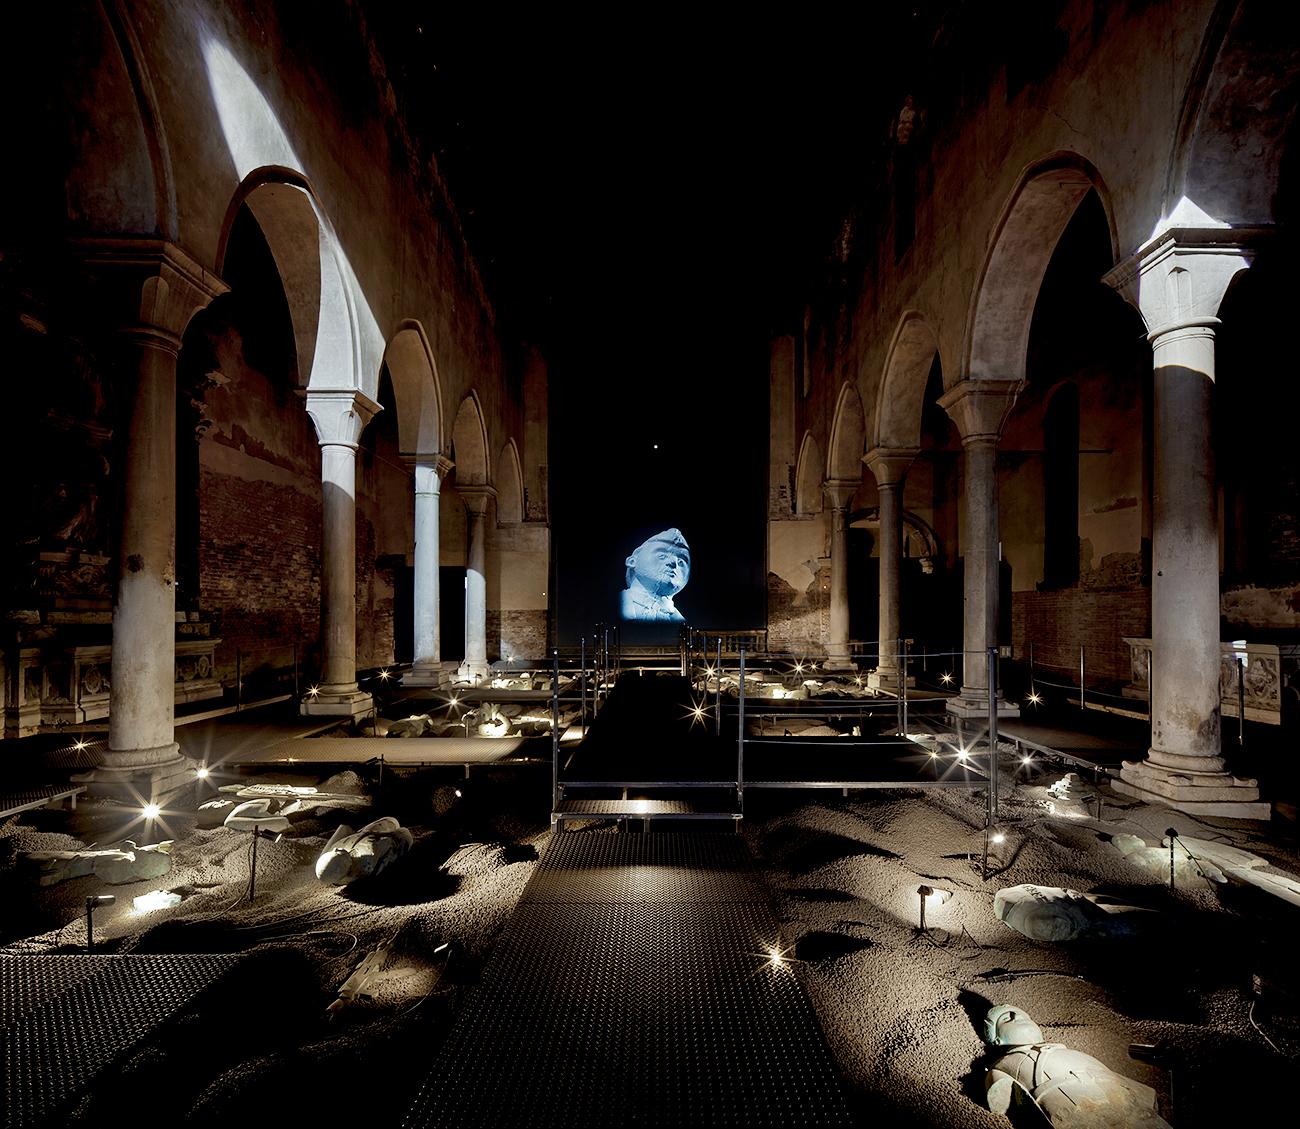 """""""La collezione dell'archeologo"""", installazione nella Chiesa di Santa Caterina a Venezia\n"""